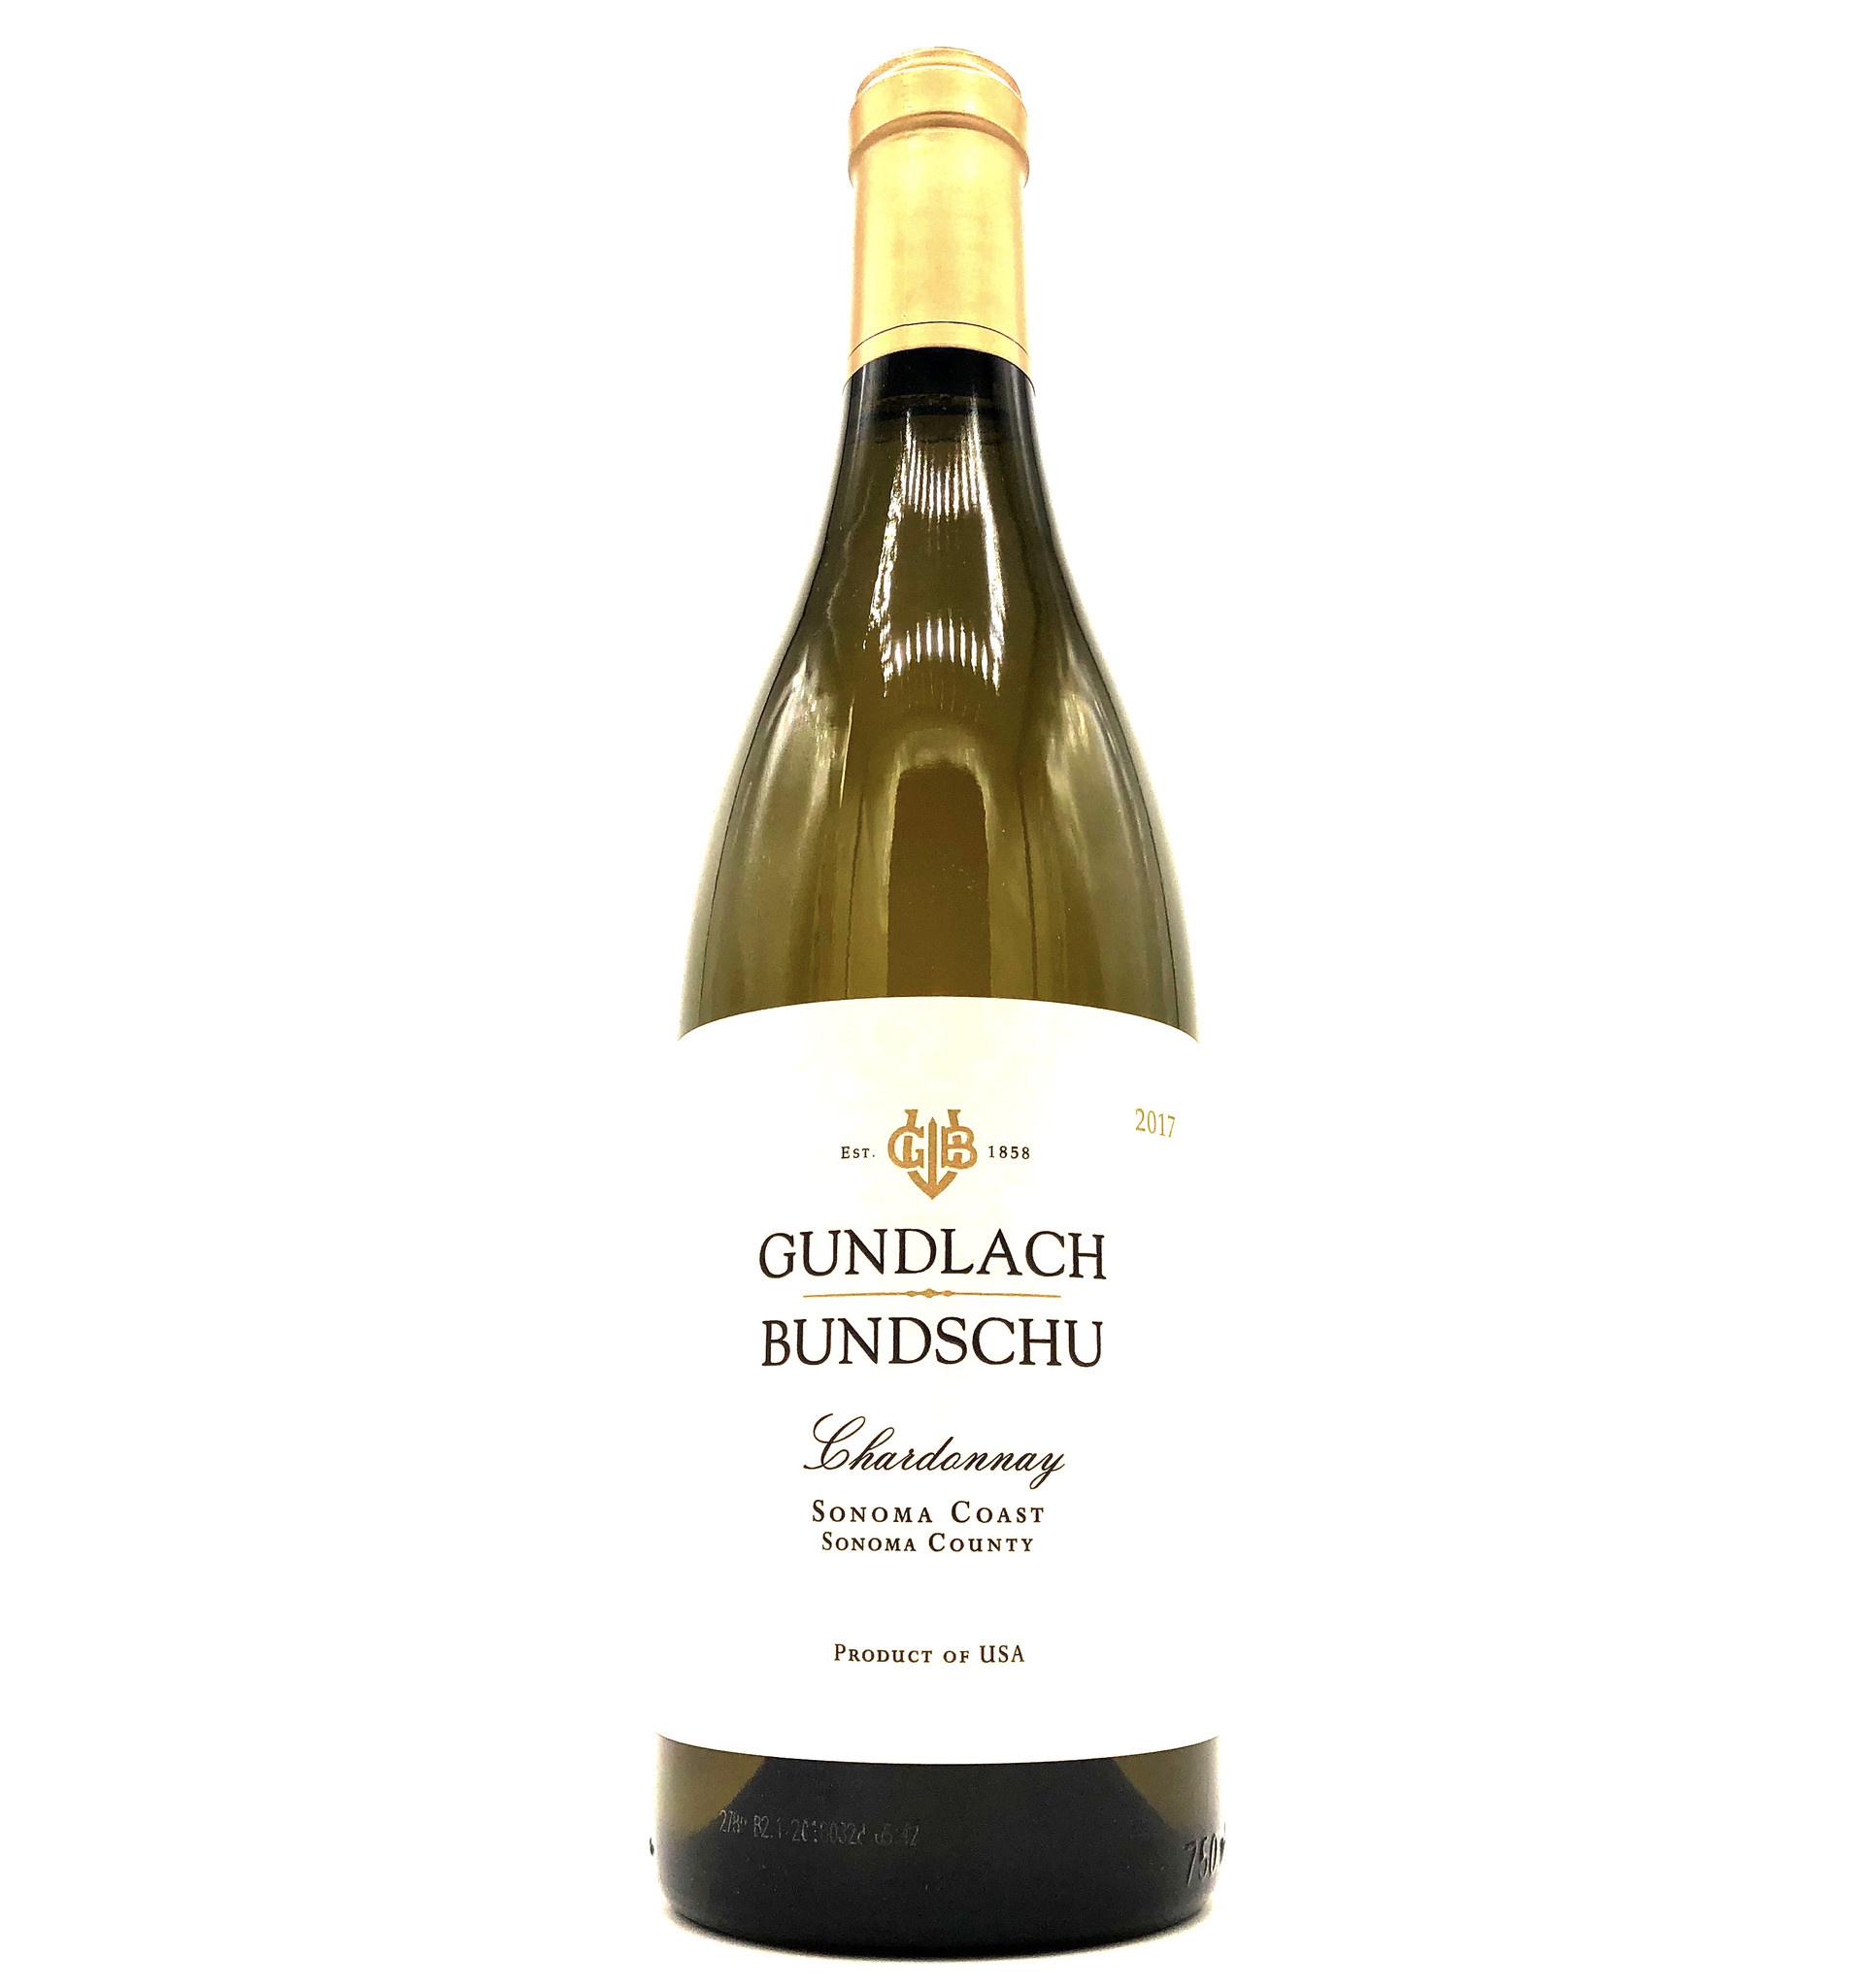 Chardonnay 2018 Gundlach Bundschu